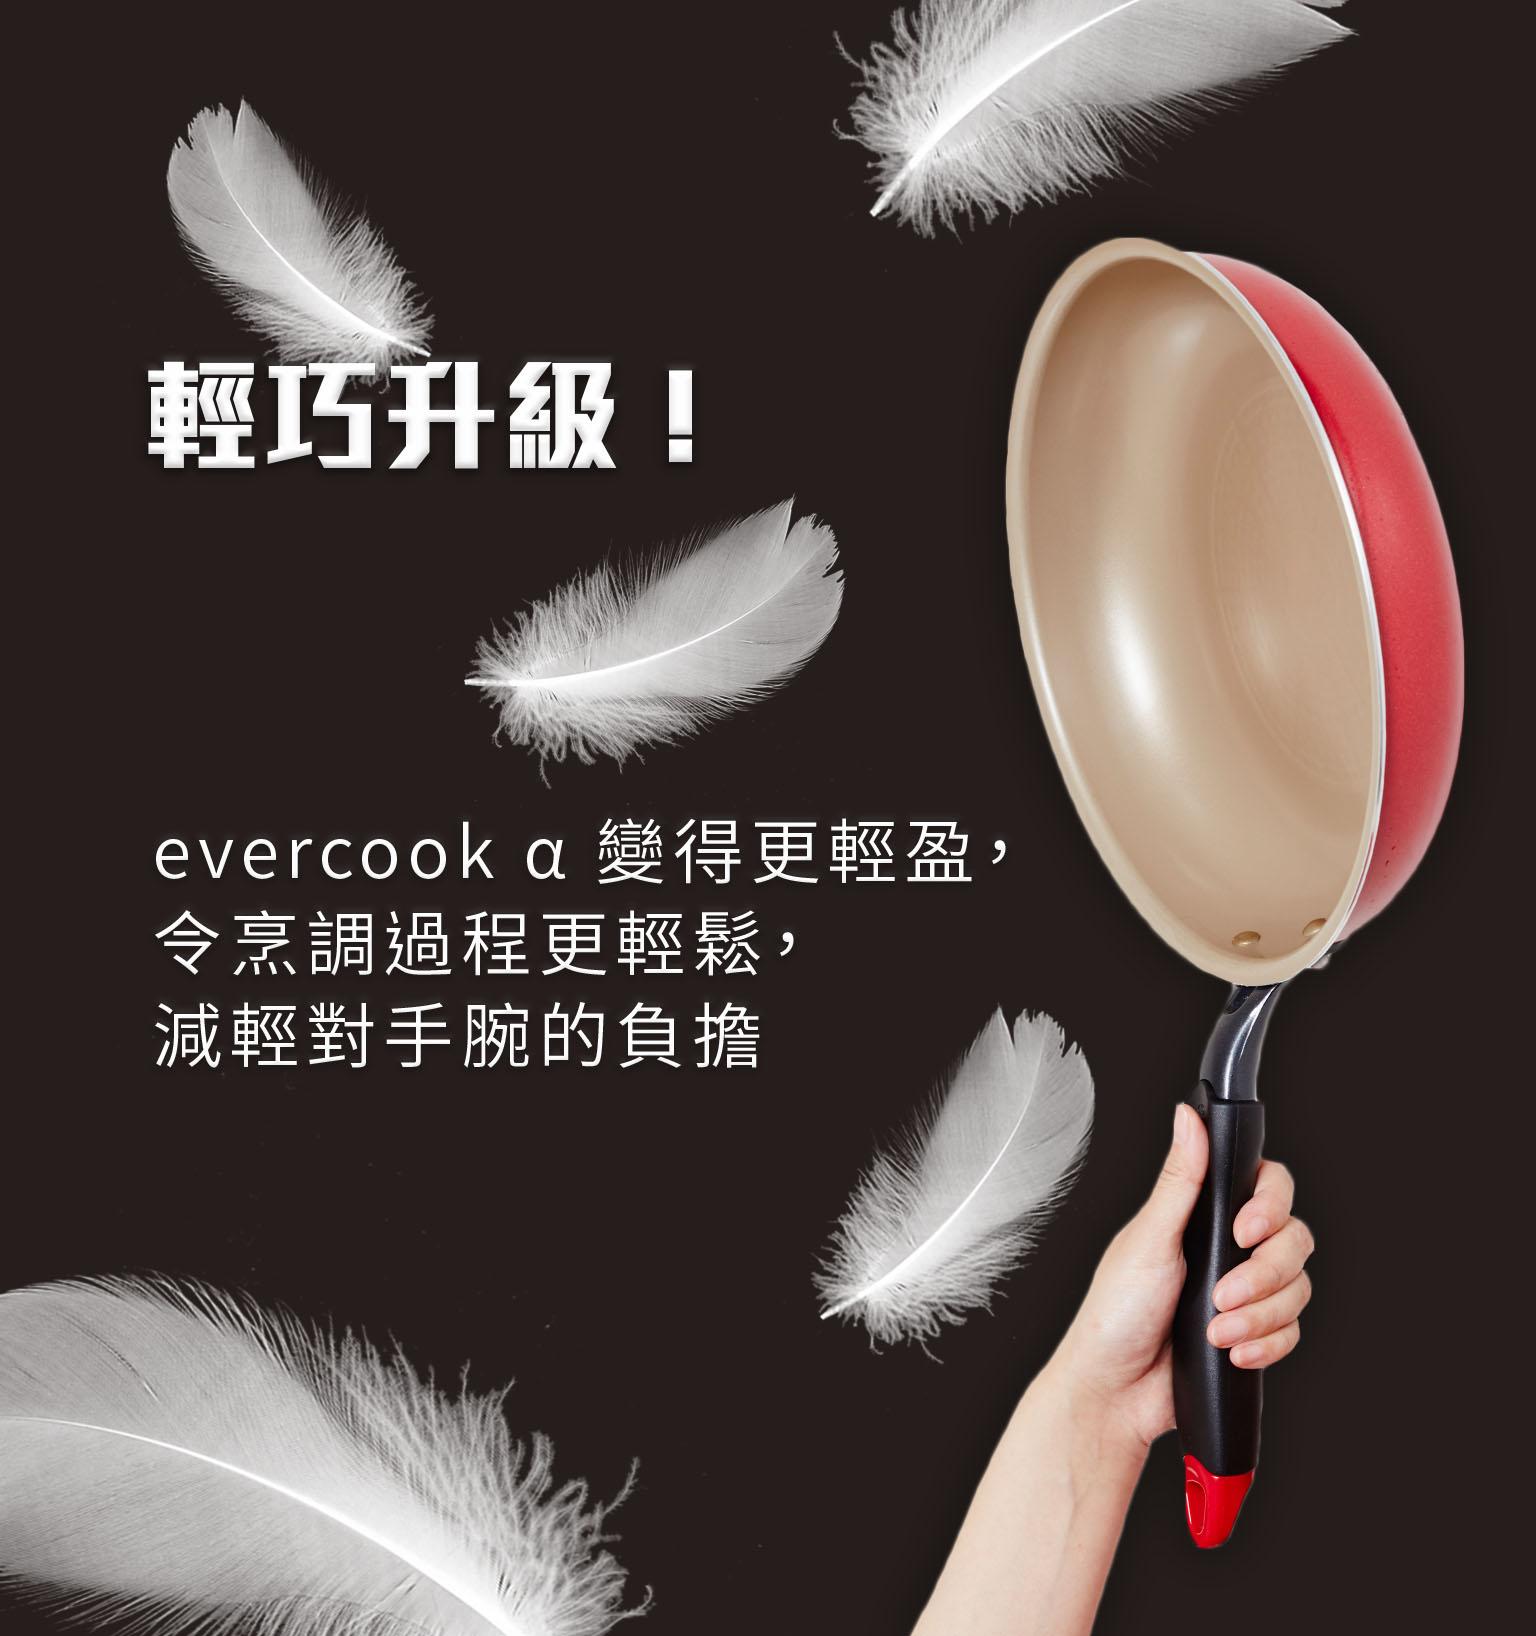 【日本Doshisha evercook】三件組-炒鍋 26cm+炒鍋 28cm+玉子燒-15*18cm 9